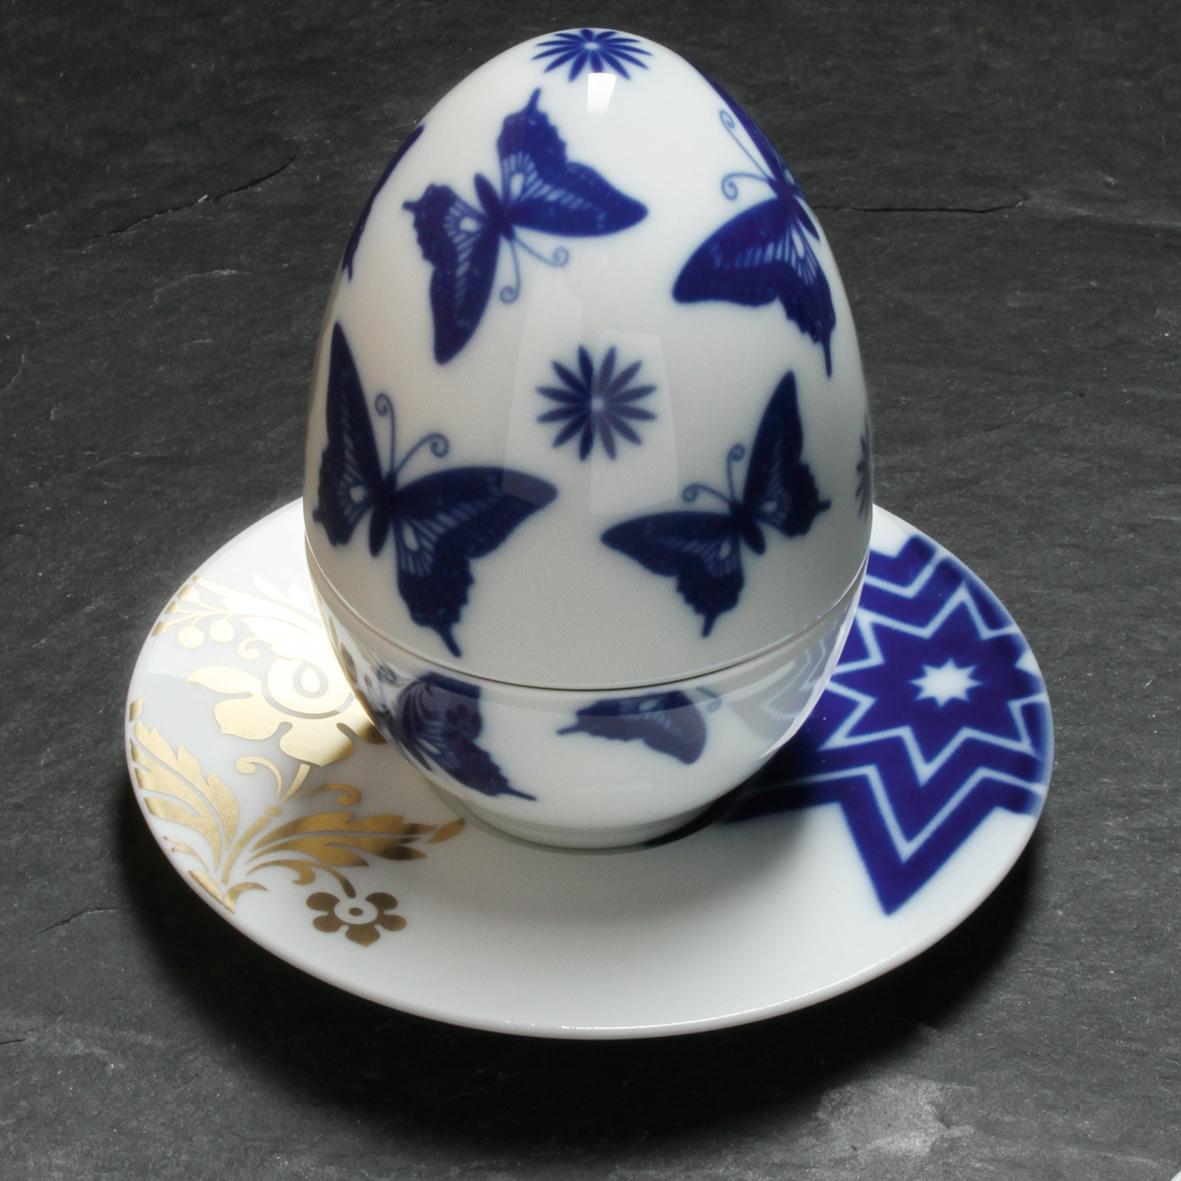 Matroschka egg by Sieger by Fürstenberg